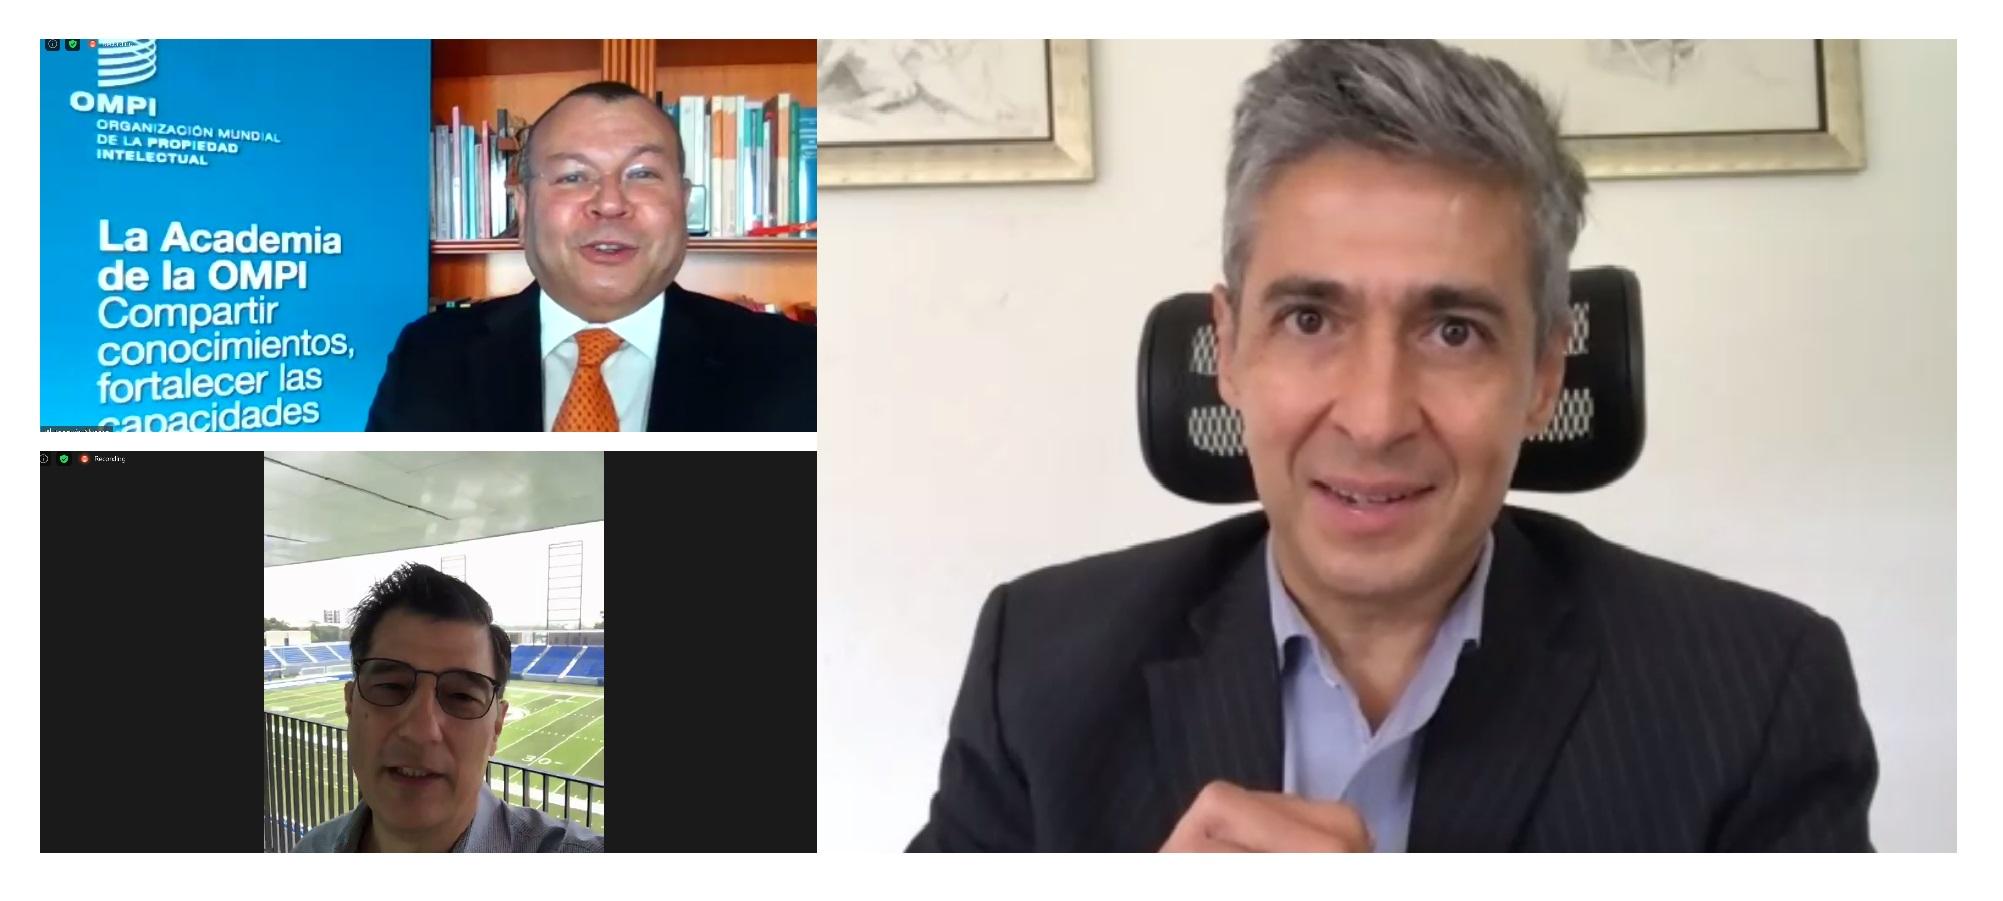 3 hombres en videollamada